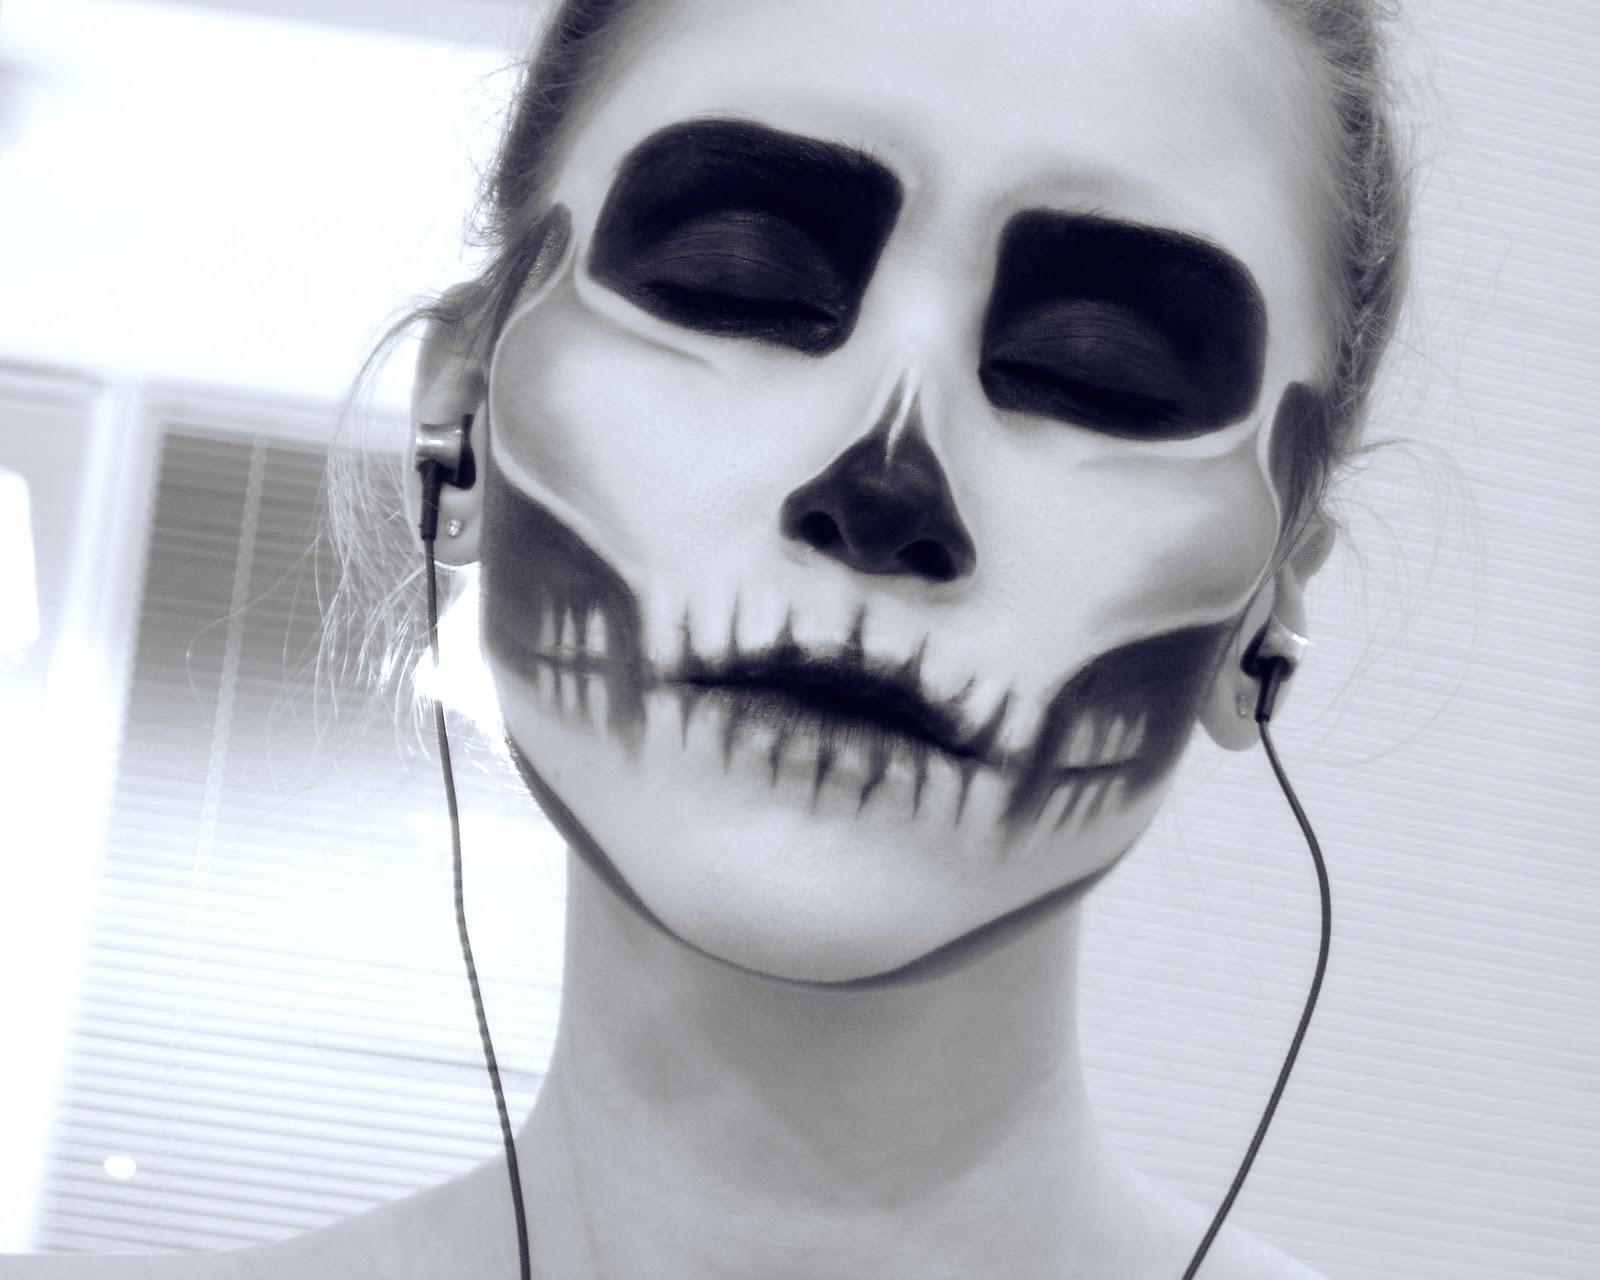 MAKEUPOWER: Classic Skull  Halloween Makeup - Classic Halloween Makeup